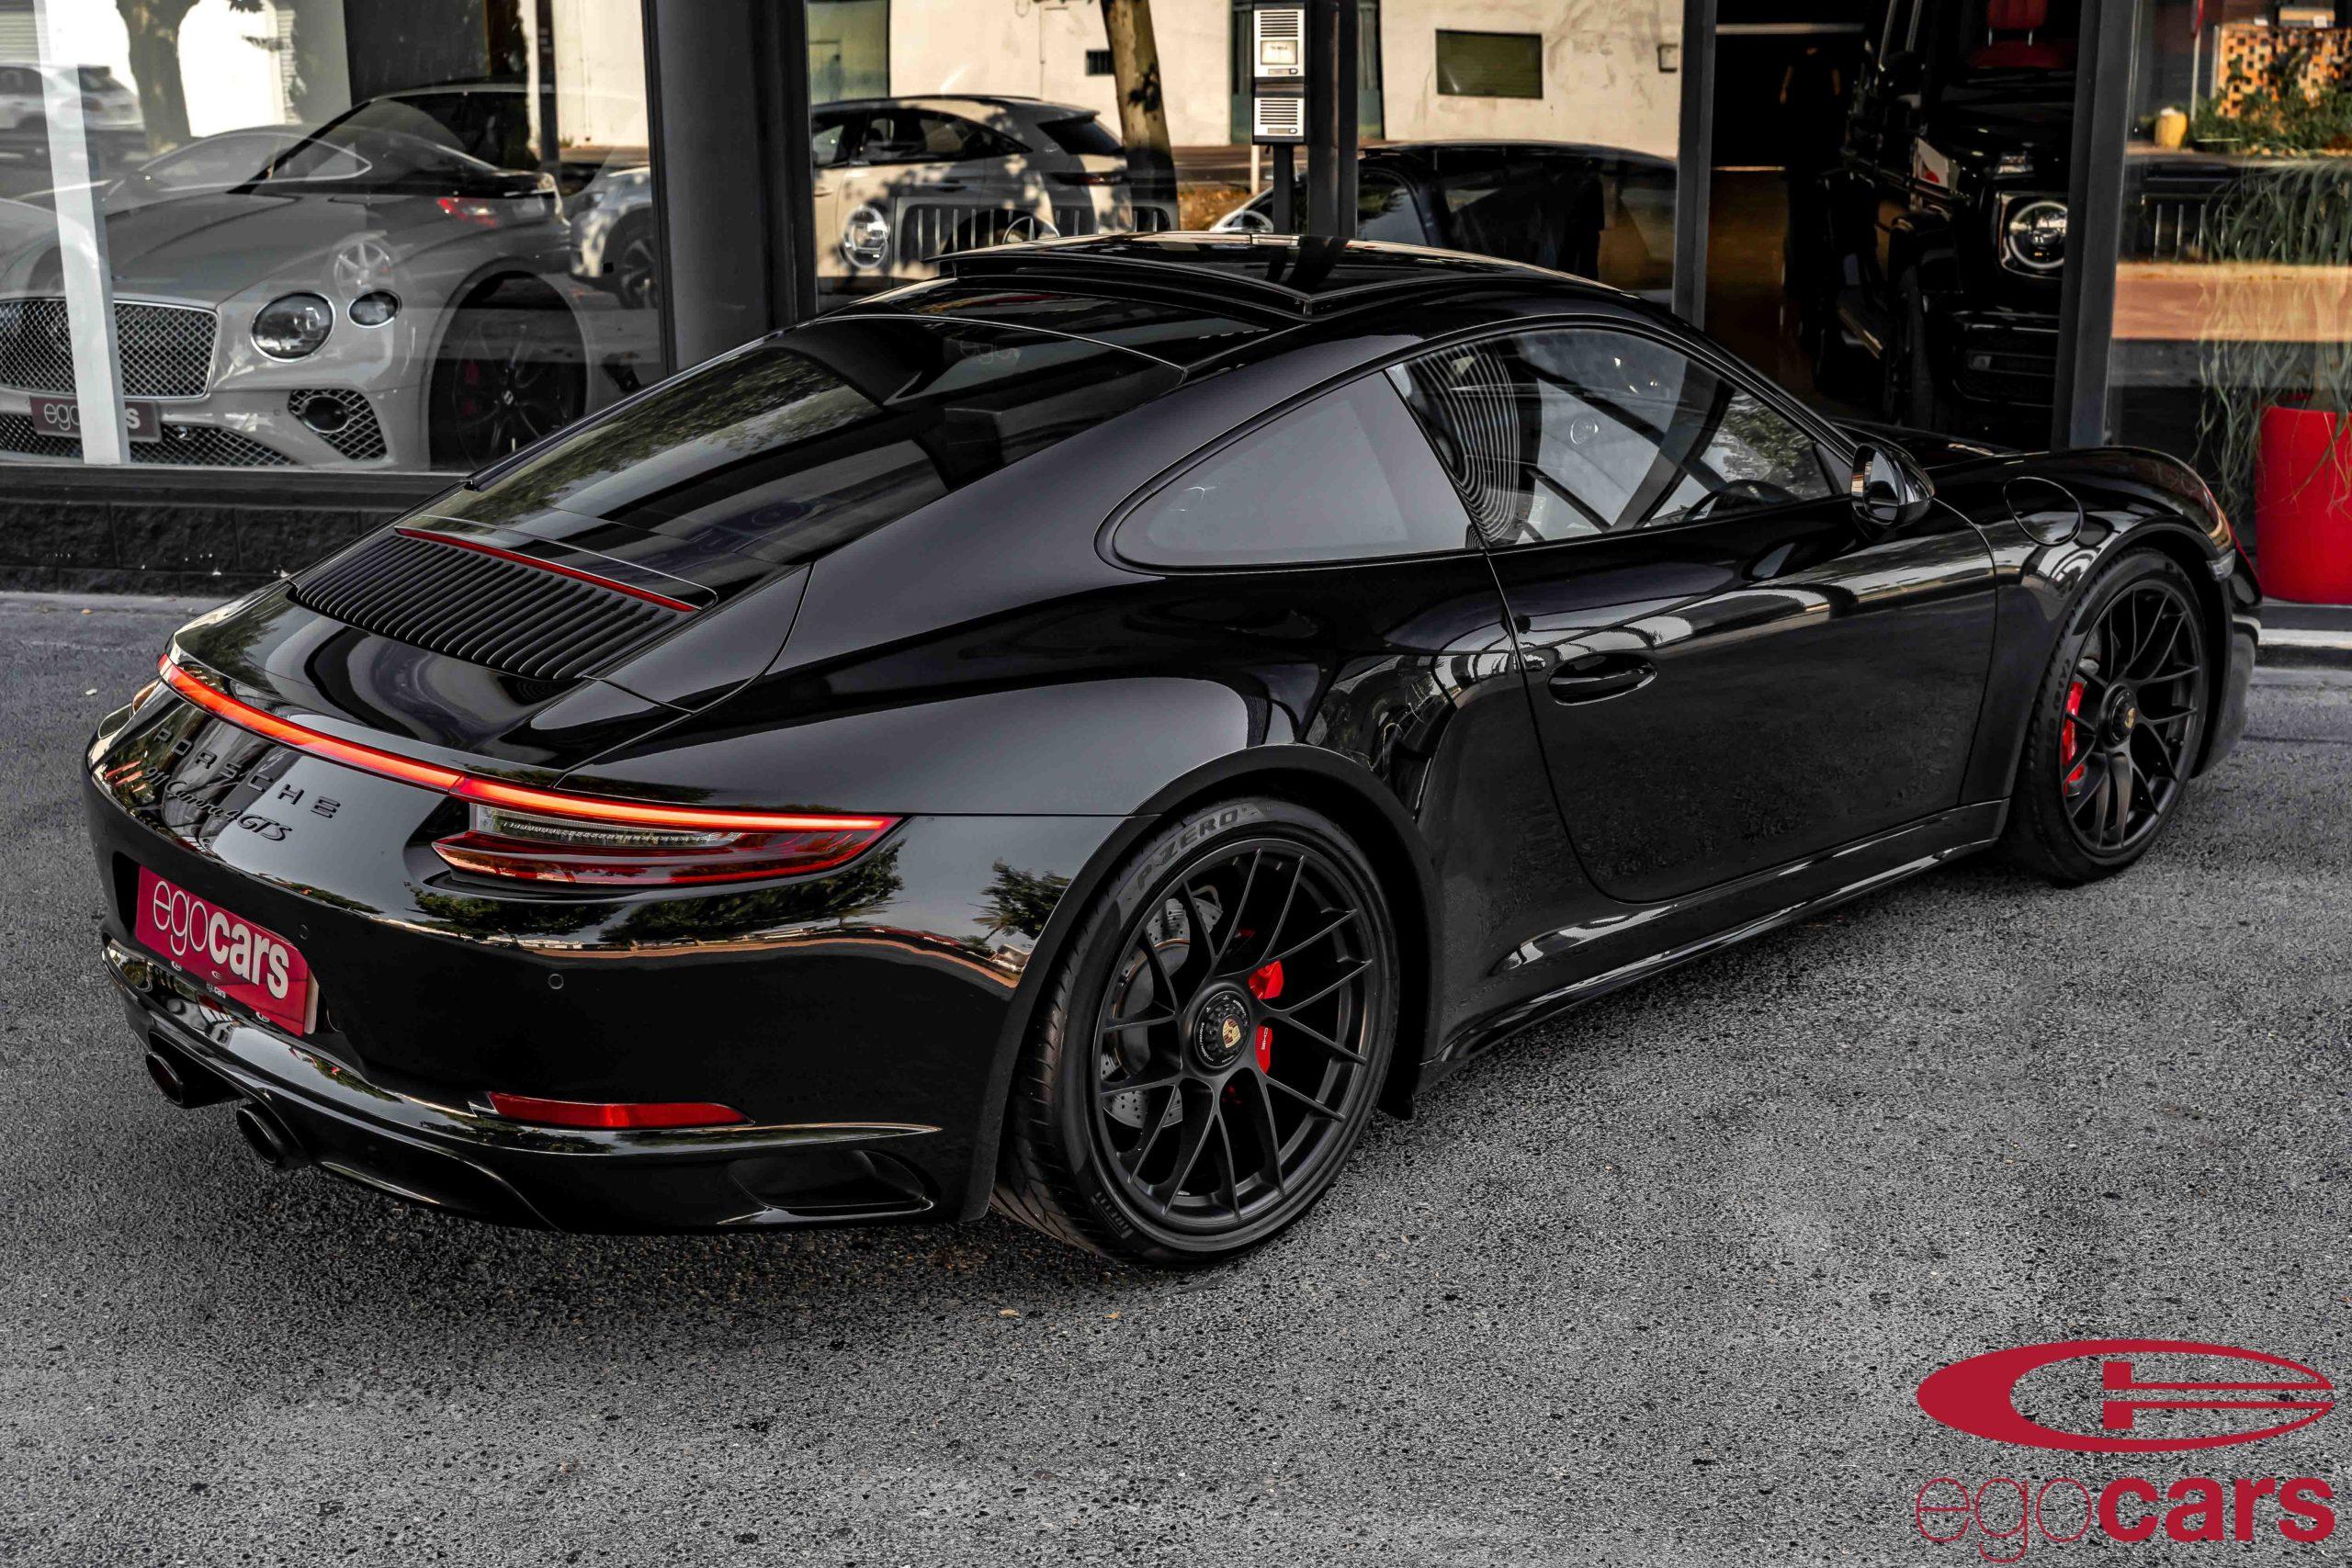 911 CARRERA 4 GTS NEGRO EGOCARS_9